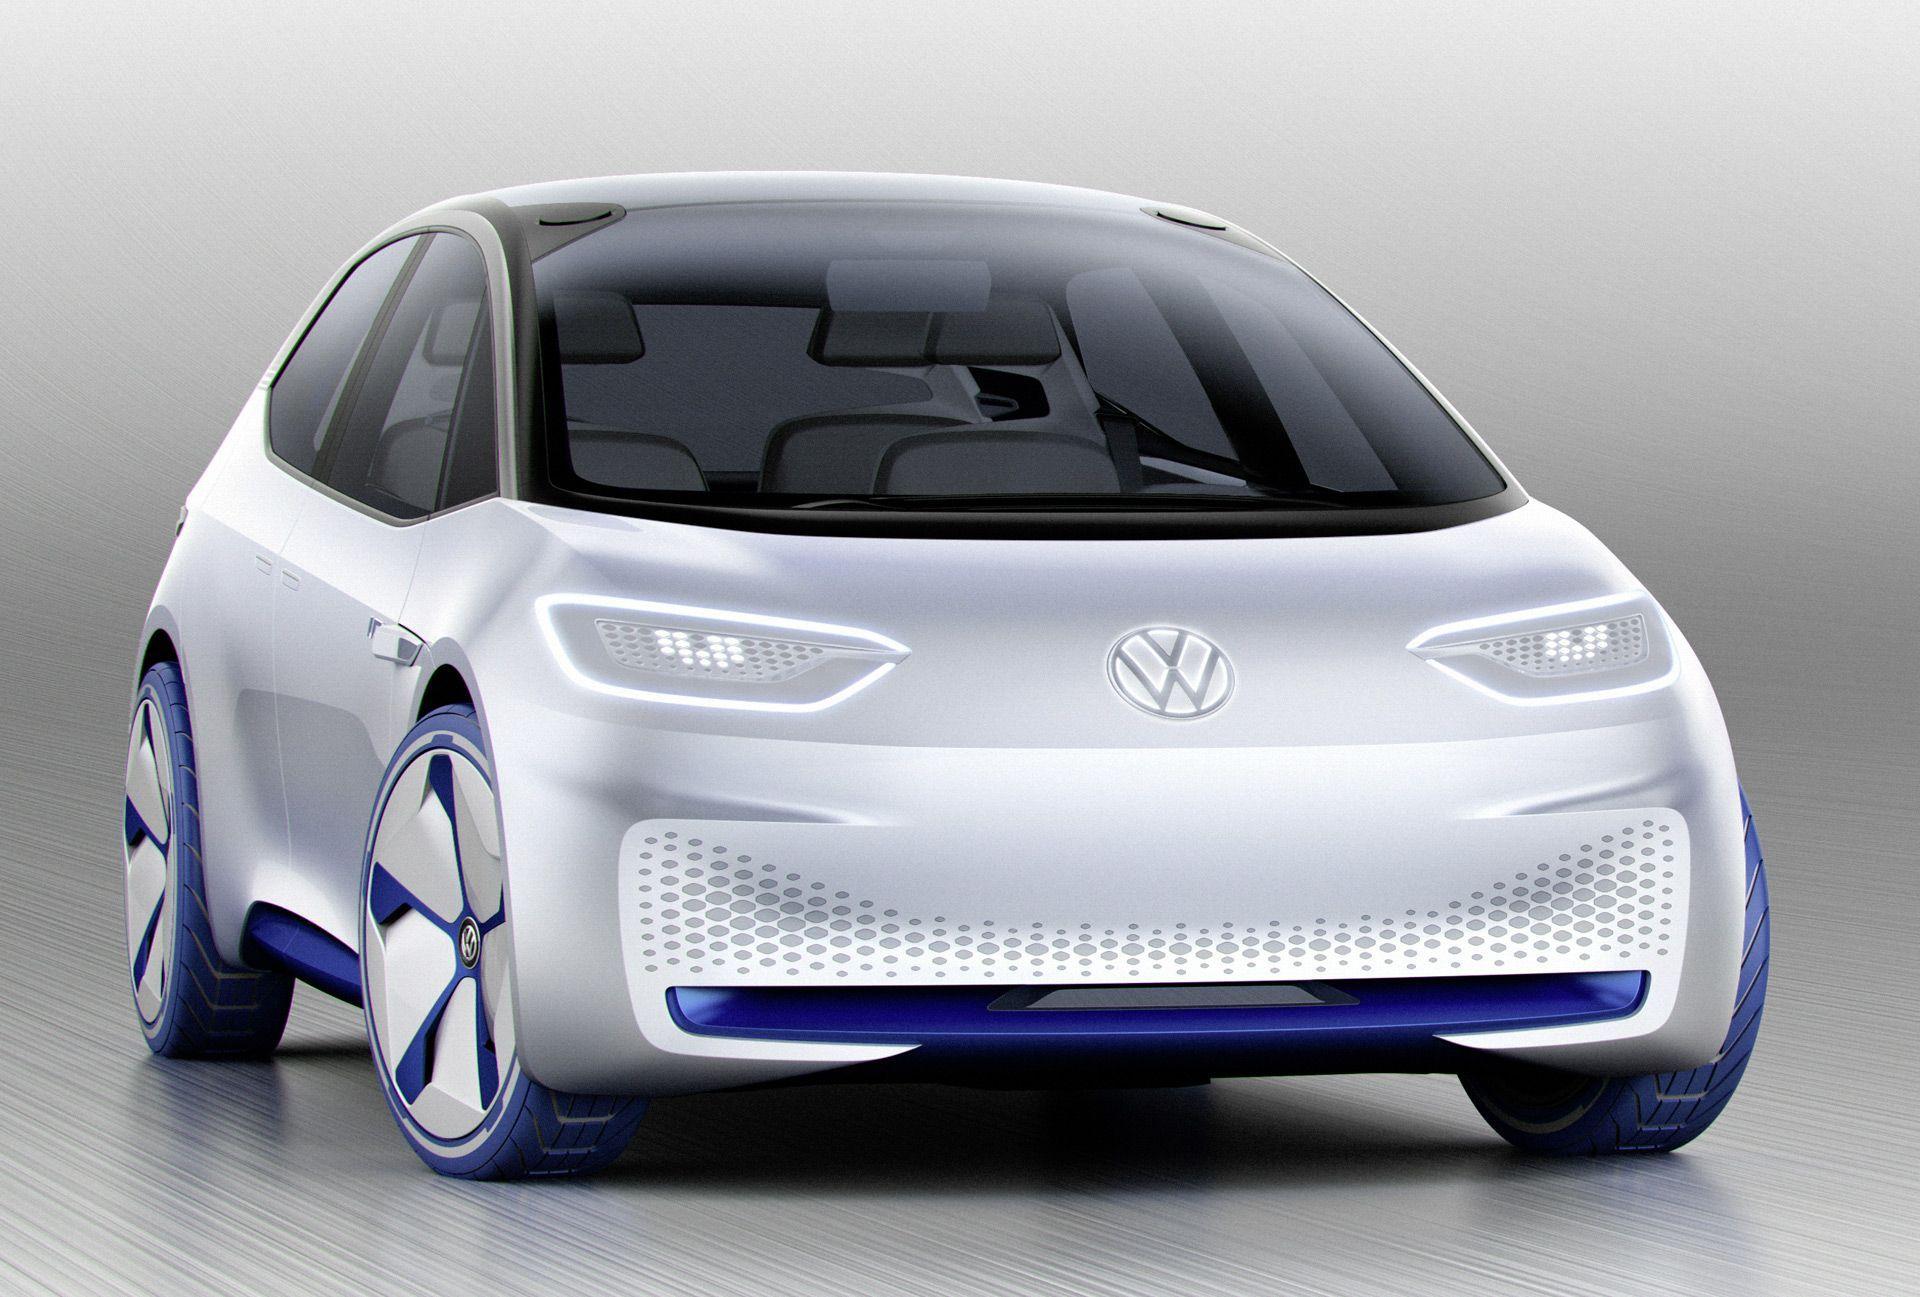 Volkswagen 2020 Electric Reviews Volkswagen Volkswagen Car Electric Car Concept